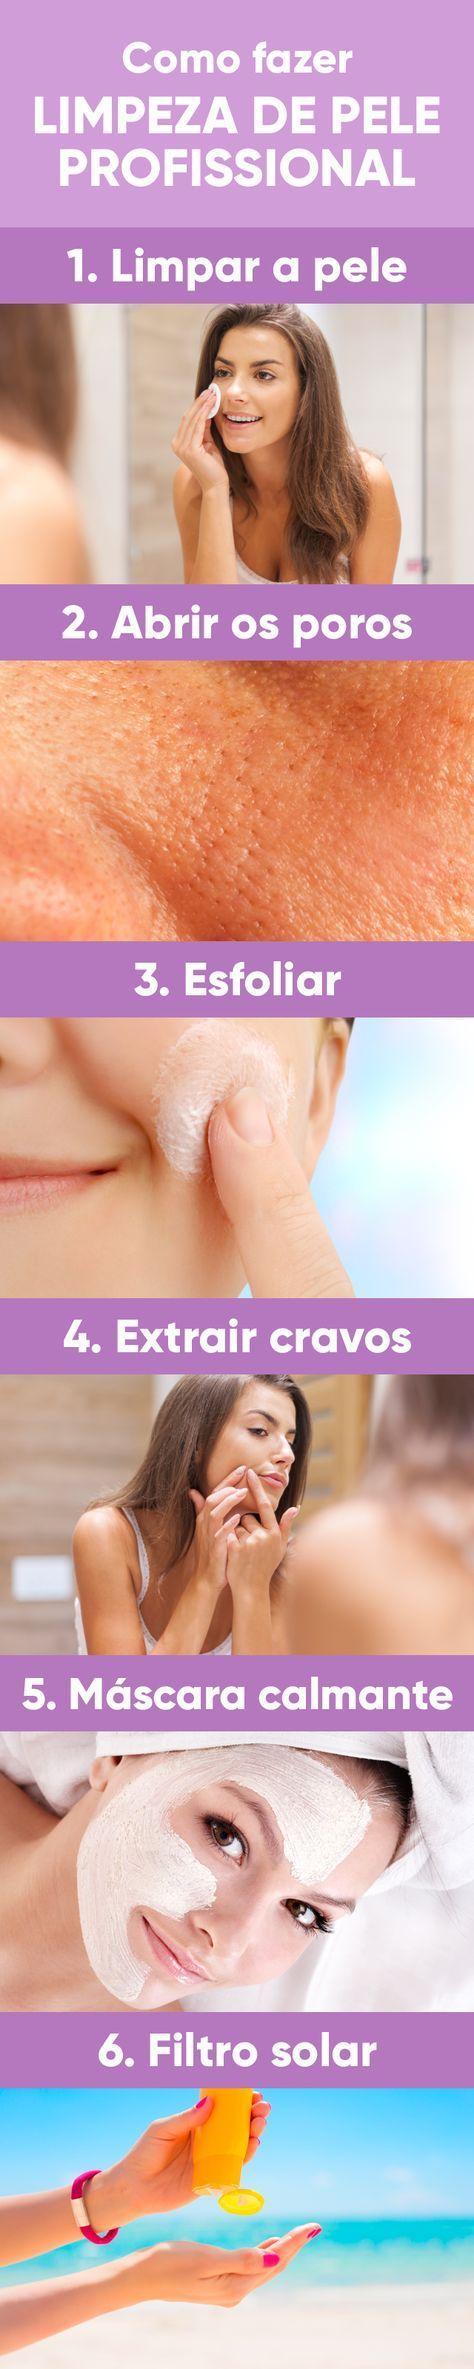 A limpeza de pele profunda serve para remover cravos, impurezas, células mortas e milium da pele, que se caracteriza pelo aparecimento de pequenas bolinhas brancas ou amareladas na pele, principalmente, do rosto. Ela deve ser feita de 2 em 2 meses, no caso de peles normais a secas, e 1 vez por mês em peles mistas a oleosas e com cravos.